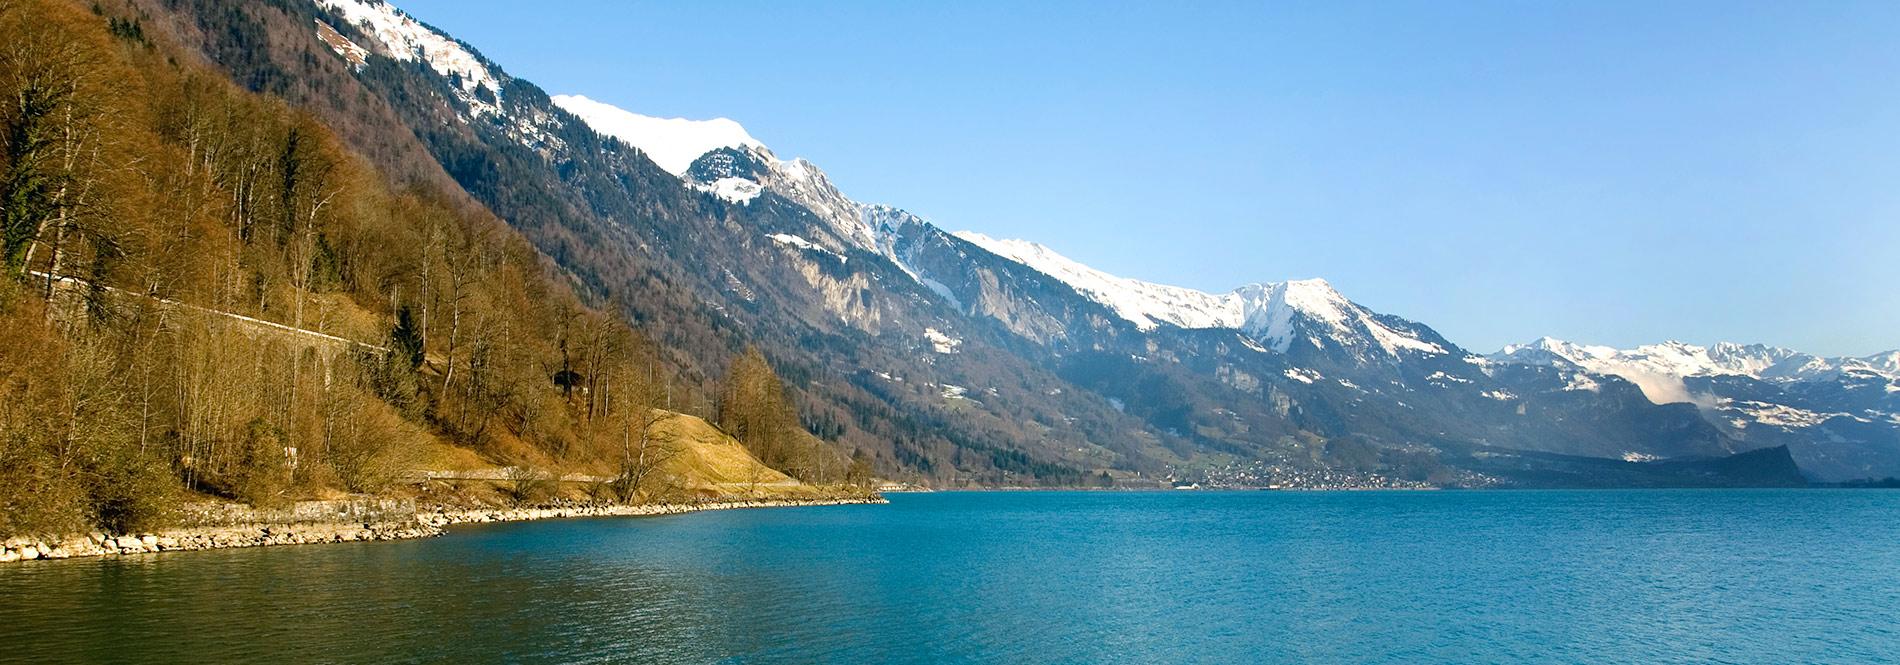 Camping lac l man reposez vous proximit du lac avec for Camping lac leman avec piscine